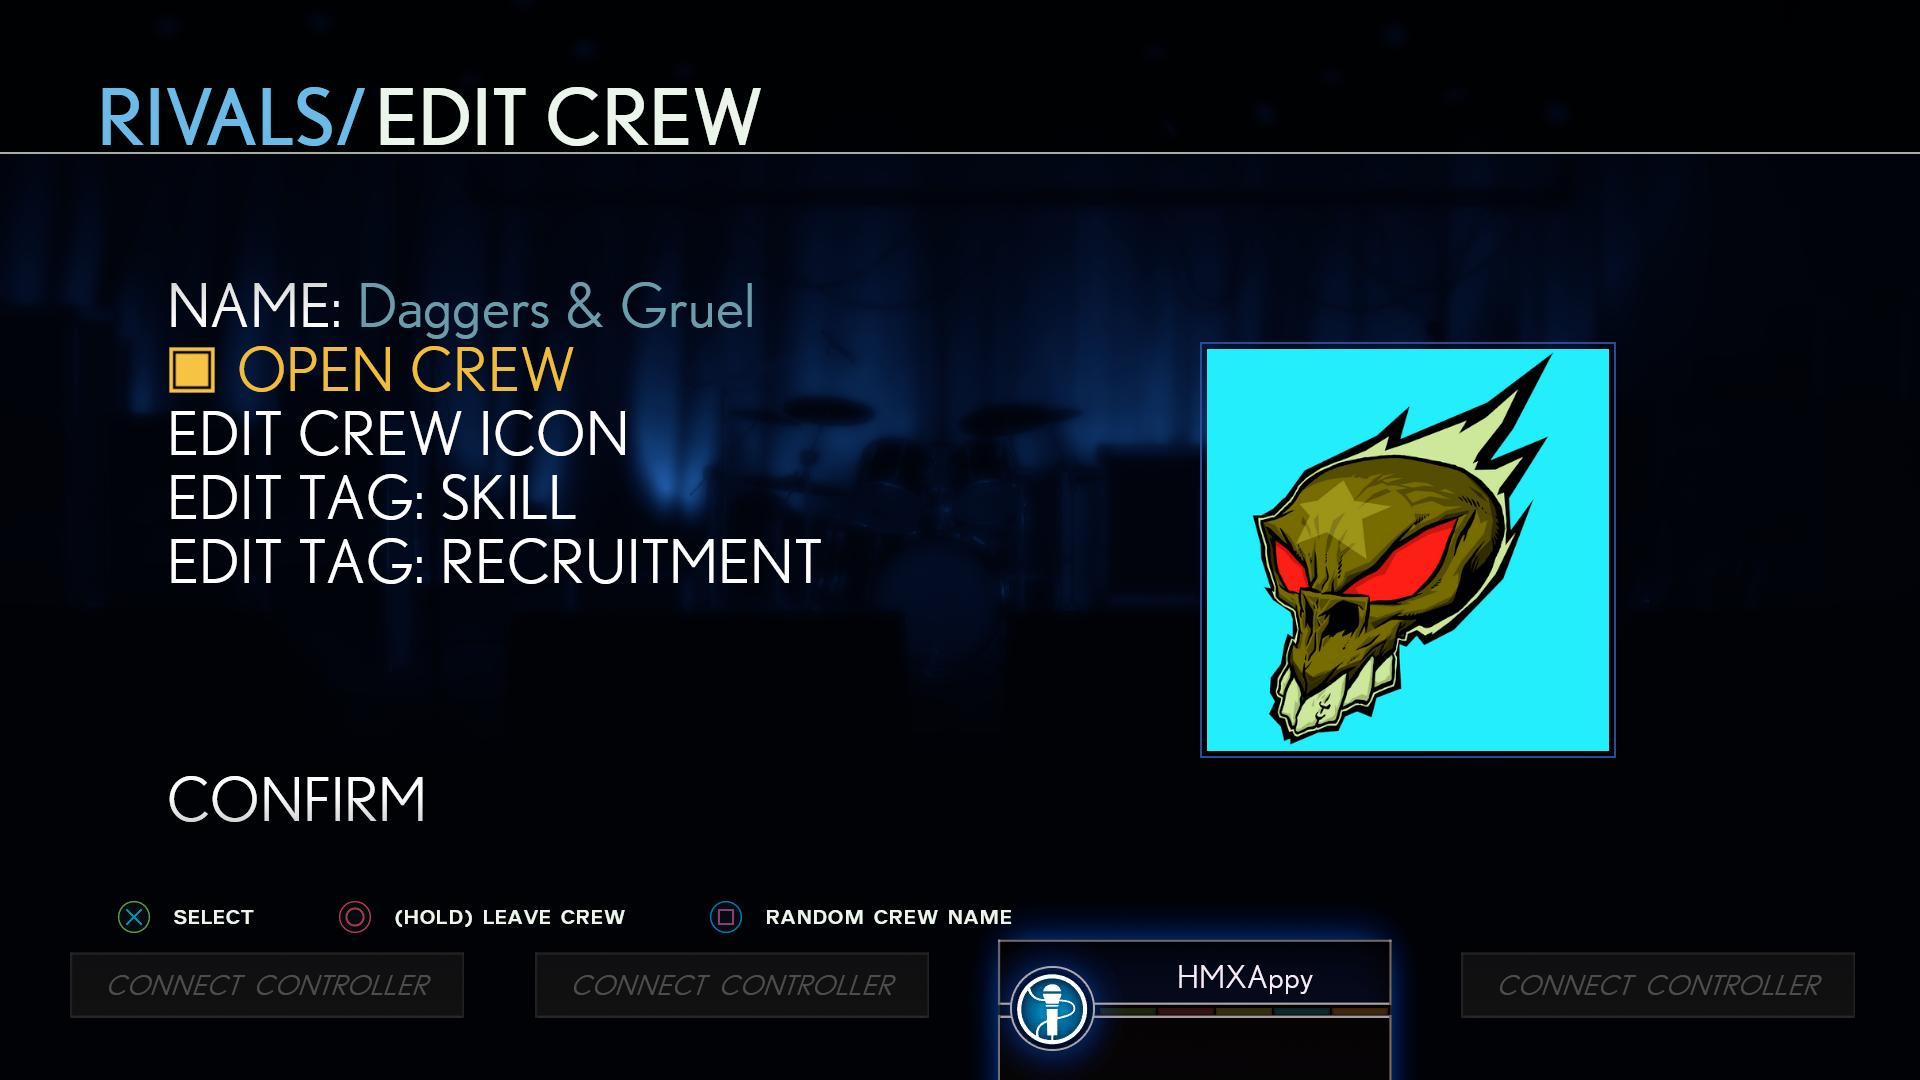 Open Crew